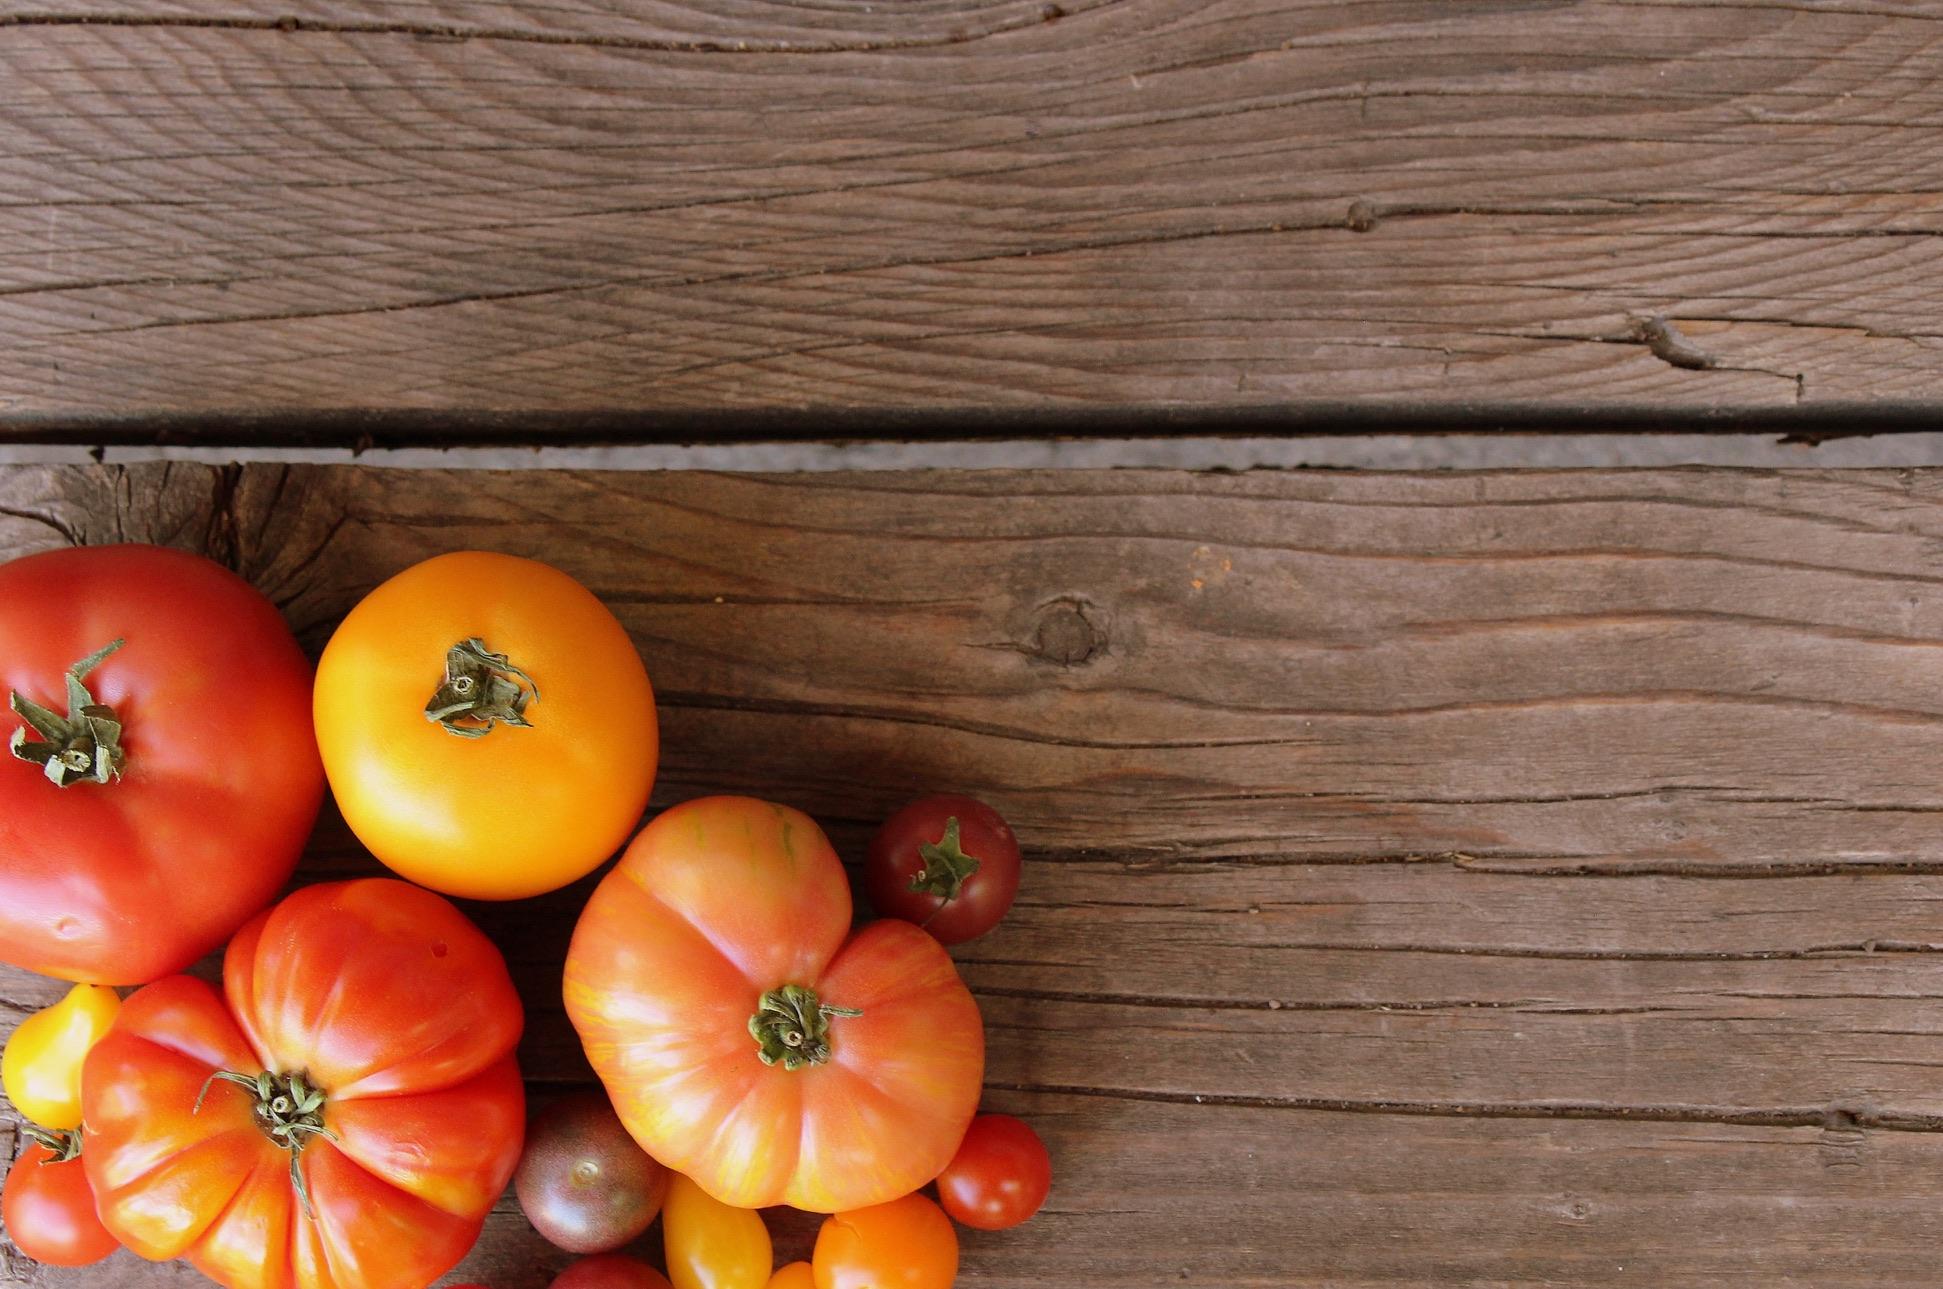 Tomatoes-3_resized